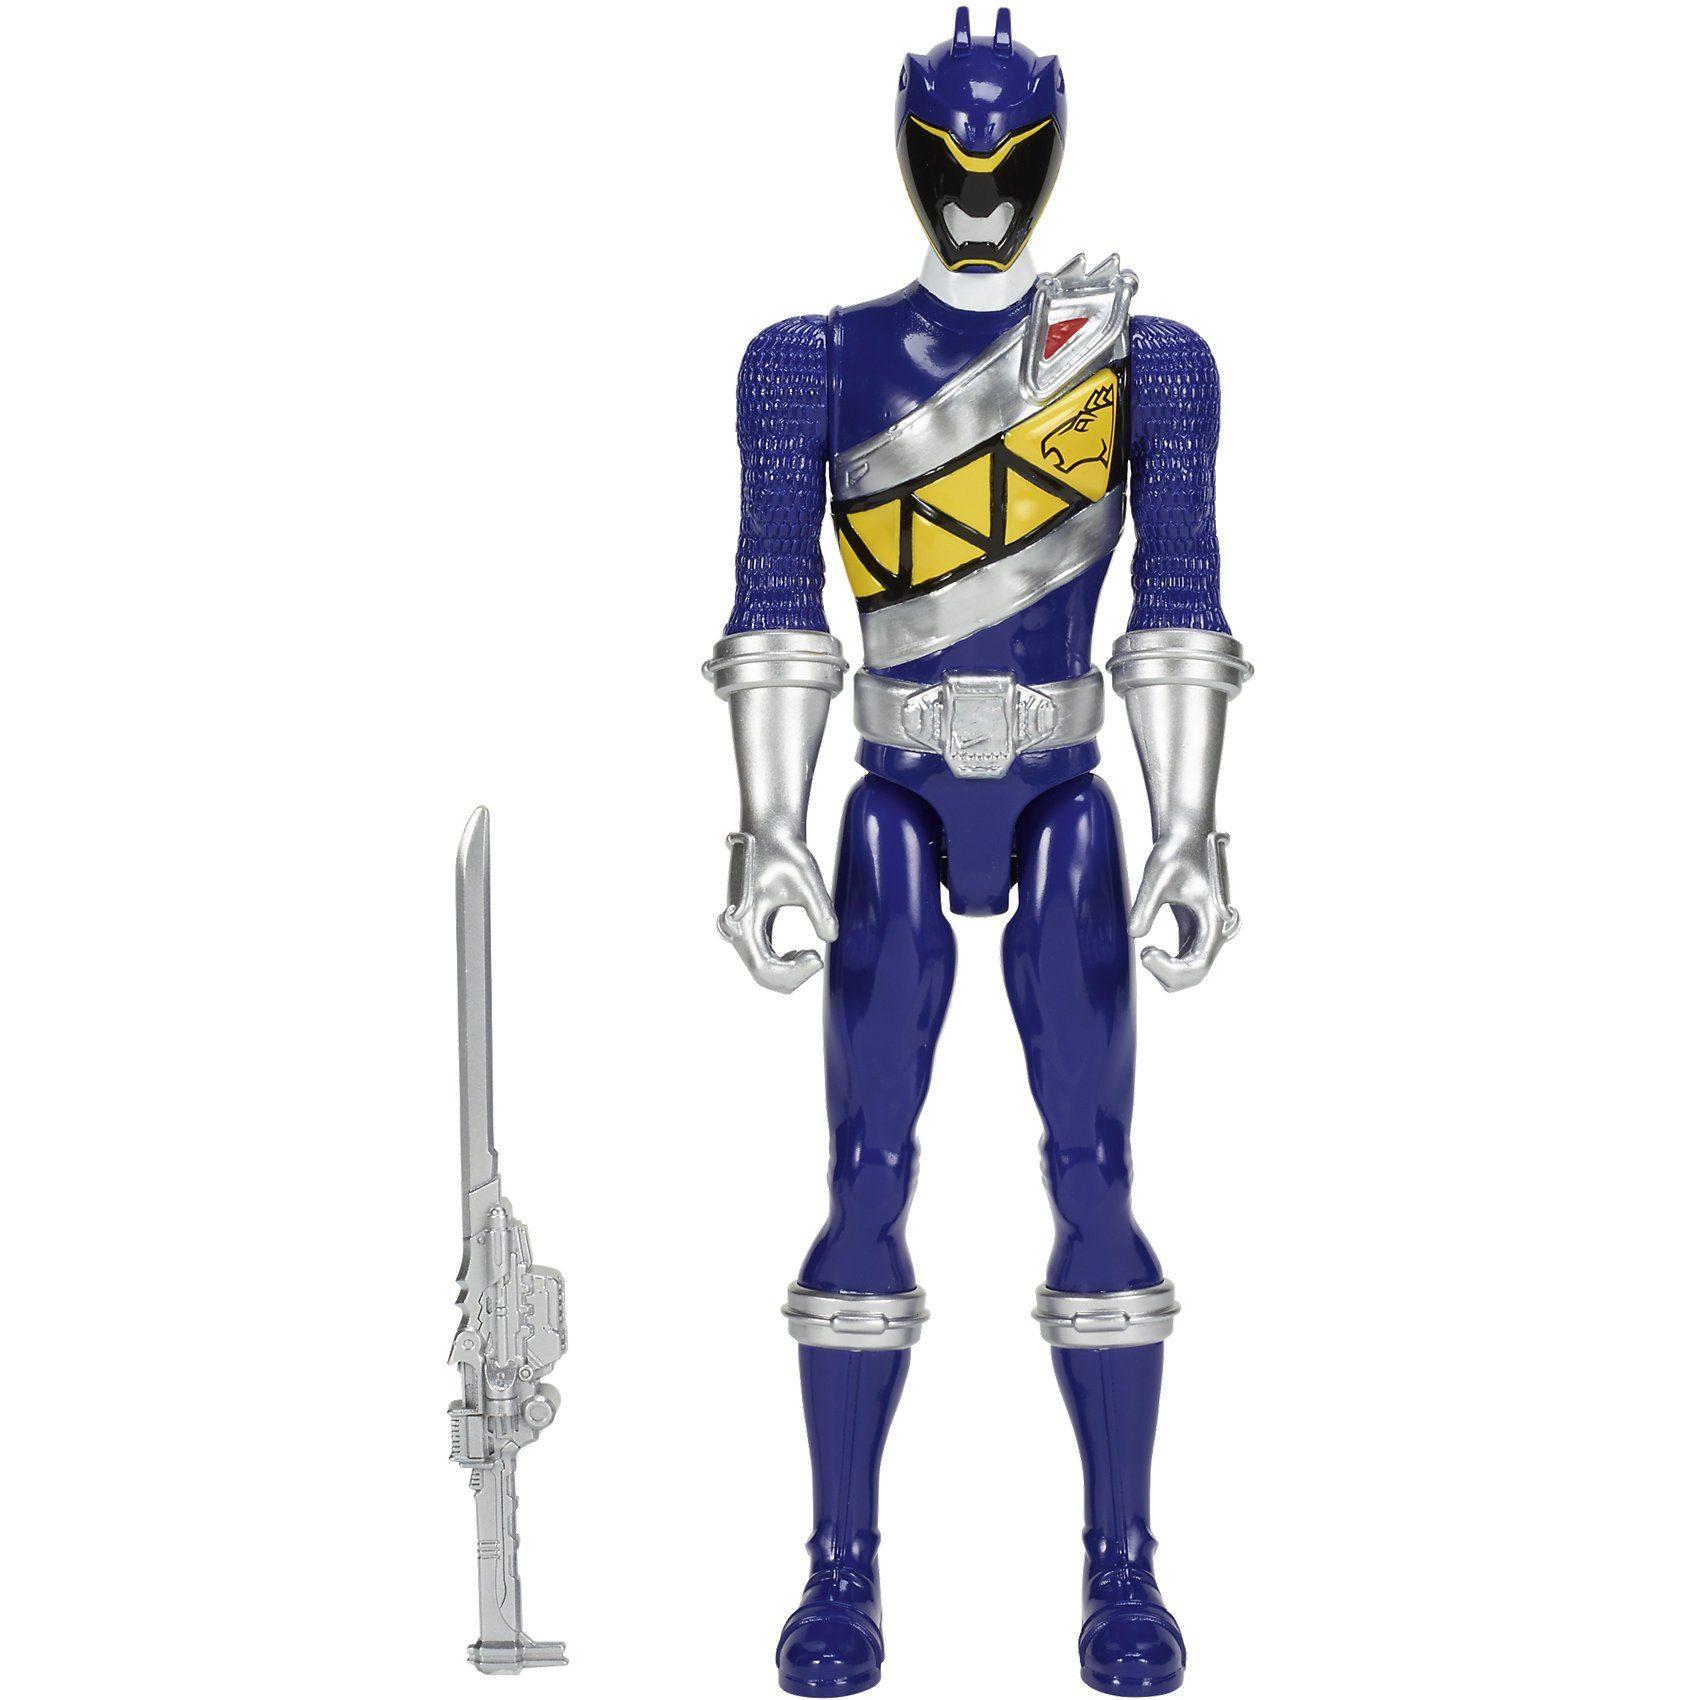 Stadlbauer Power Rangers Blauer Ranger, 30 cm